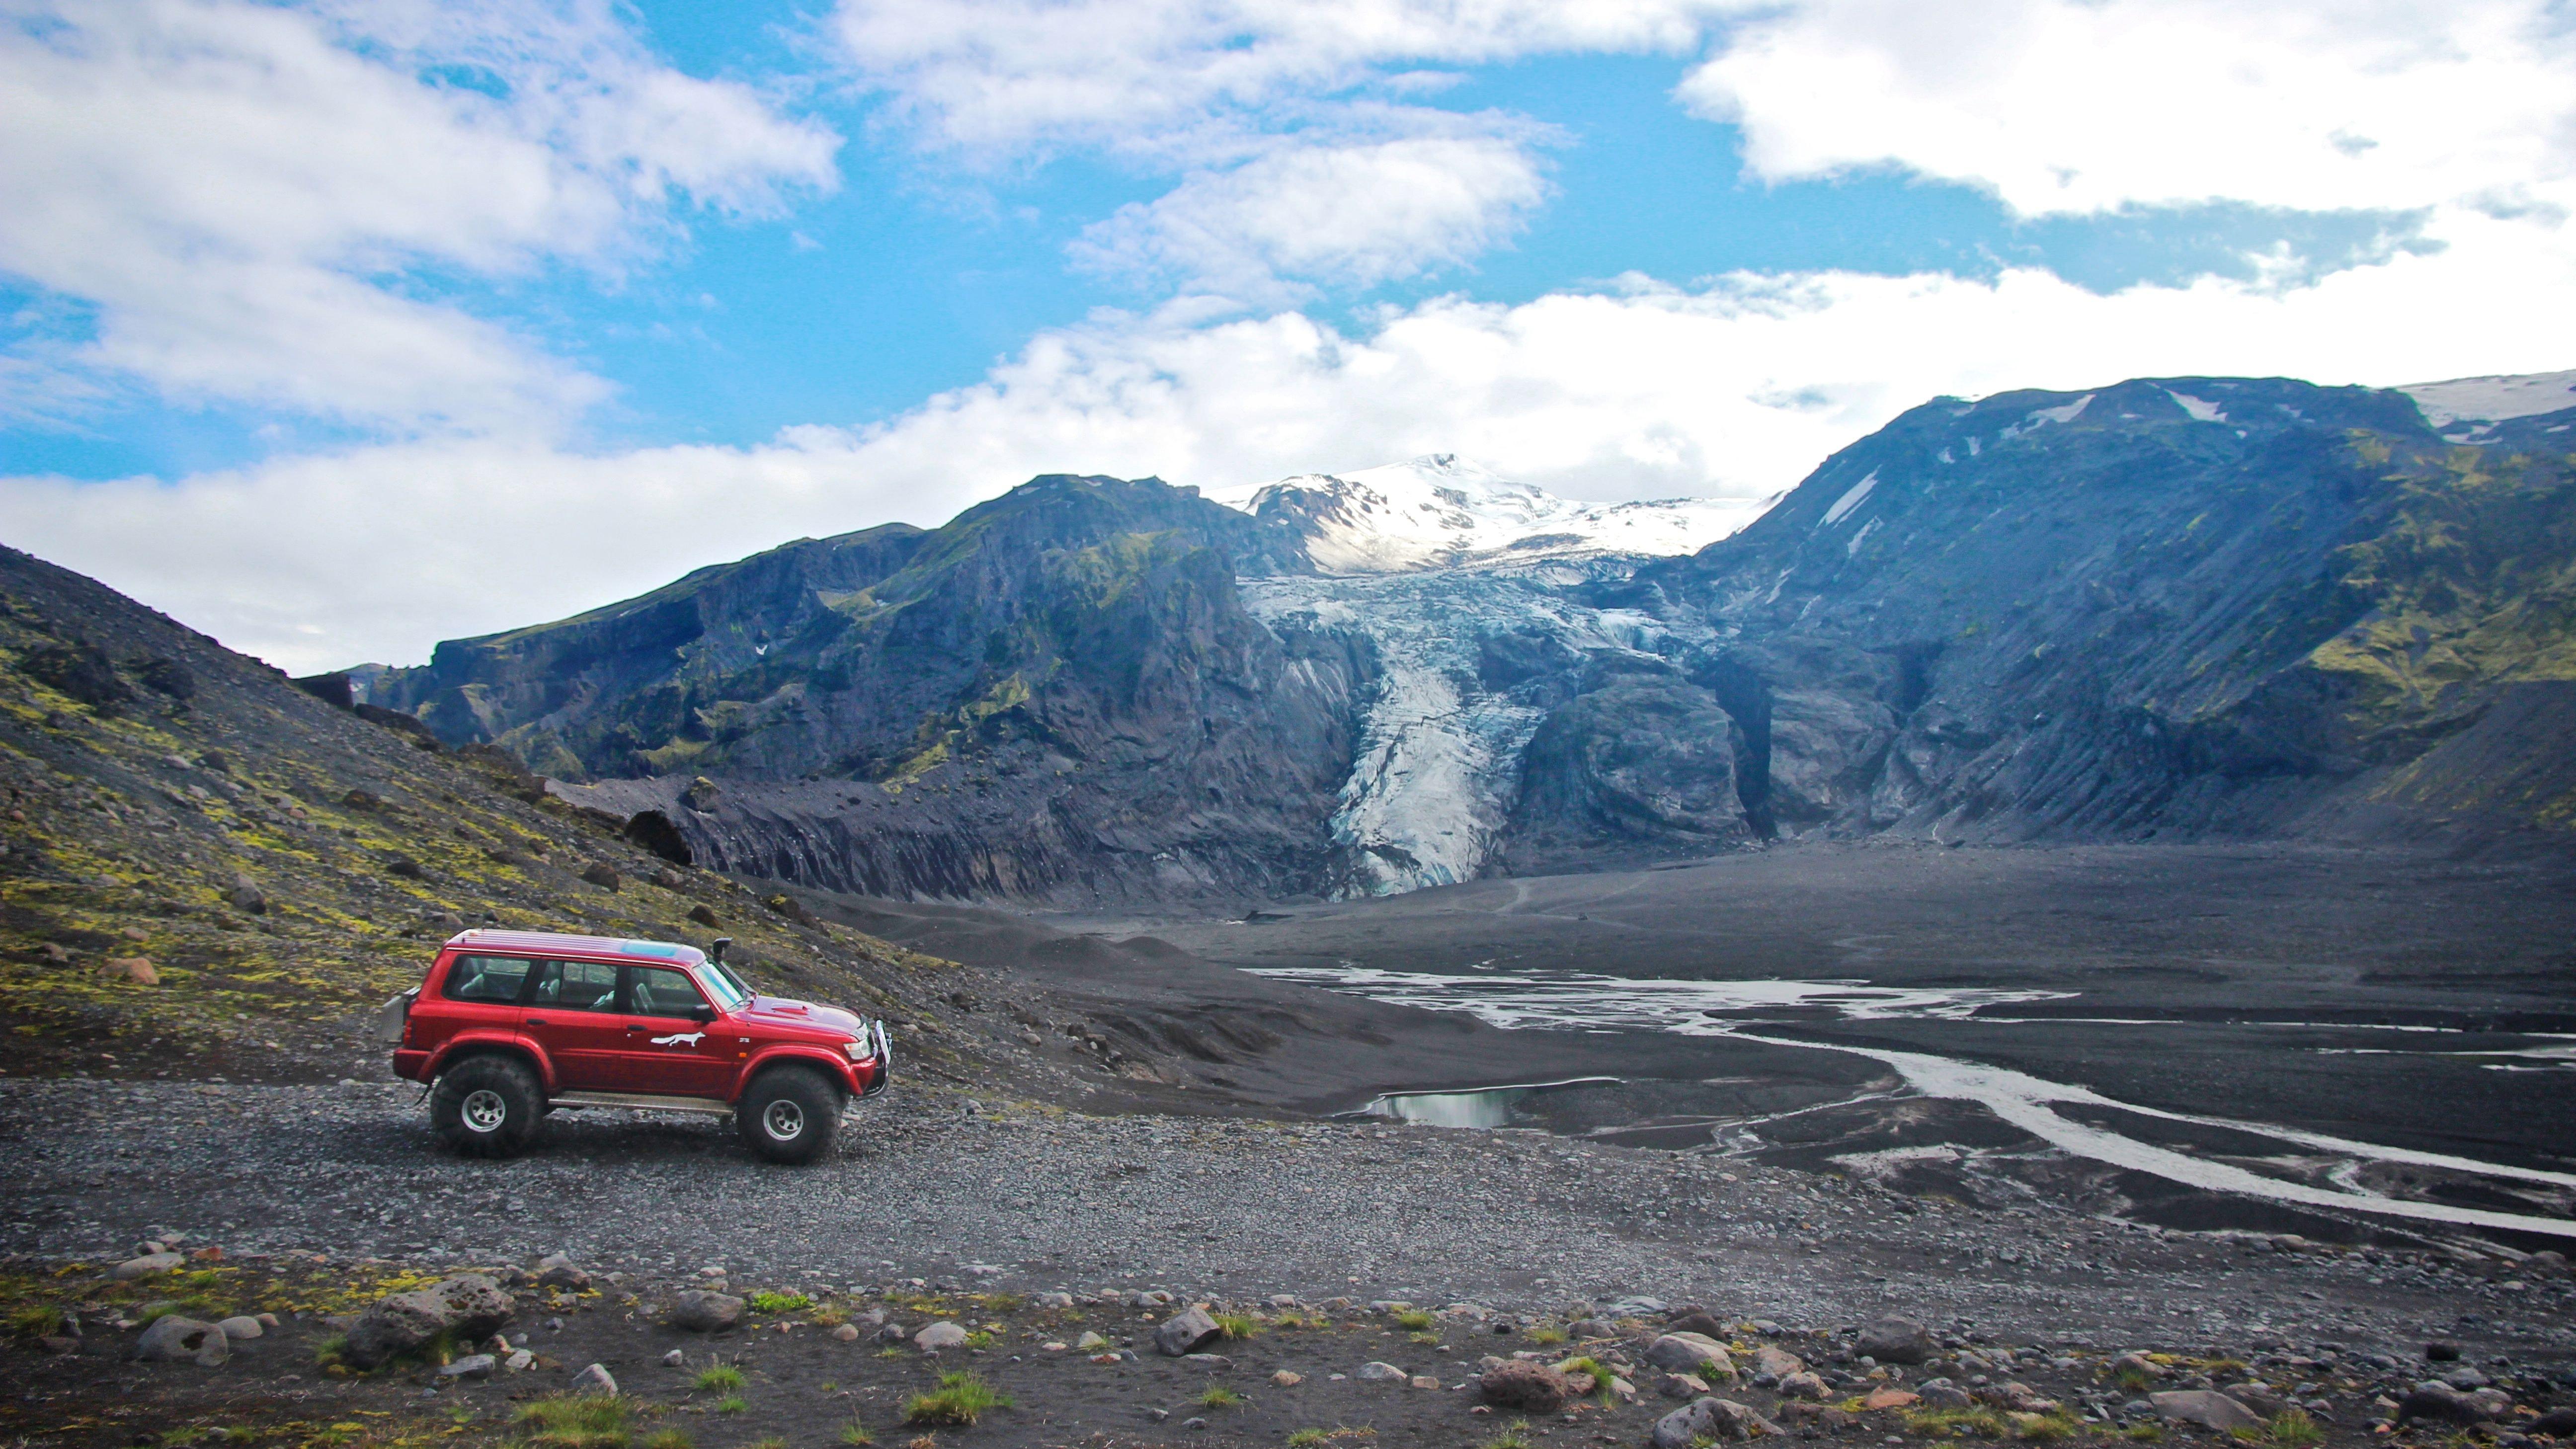 冰岛自驾租车